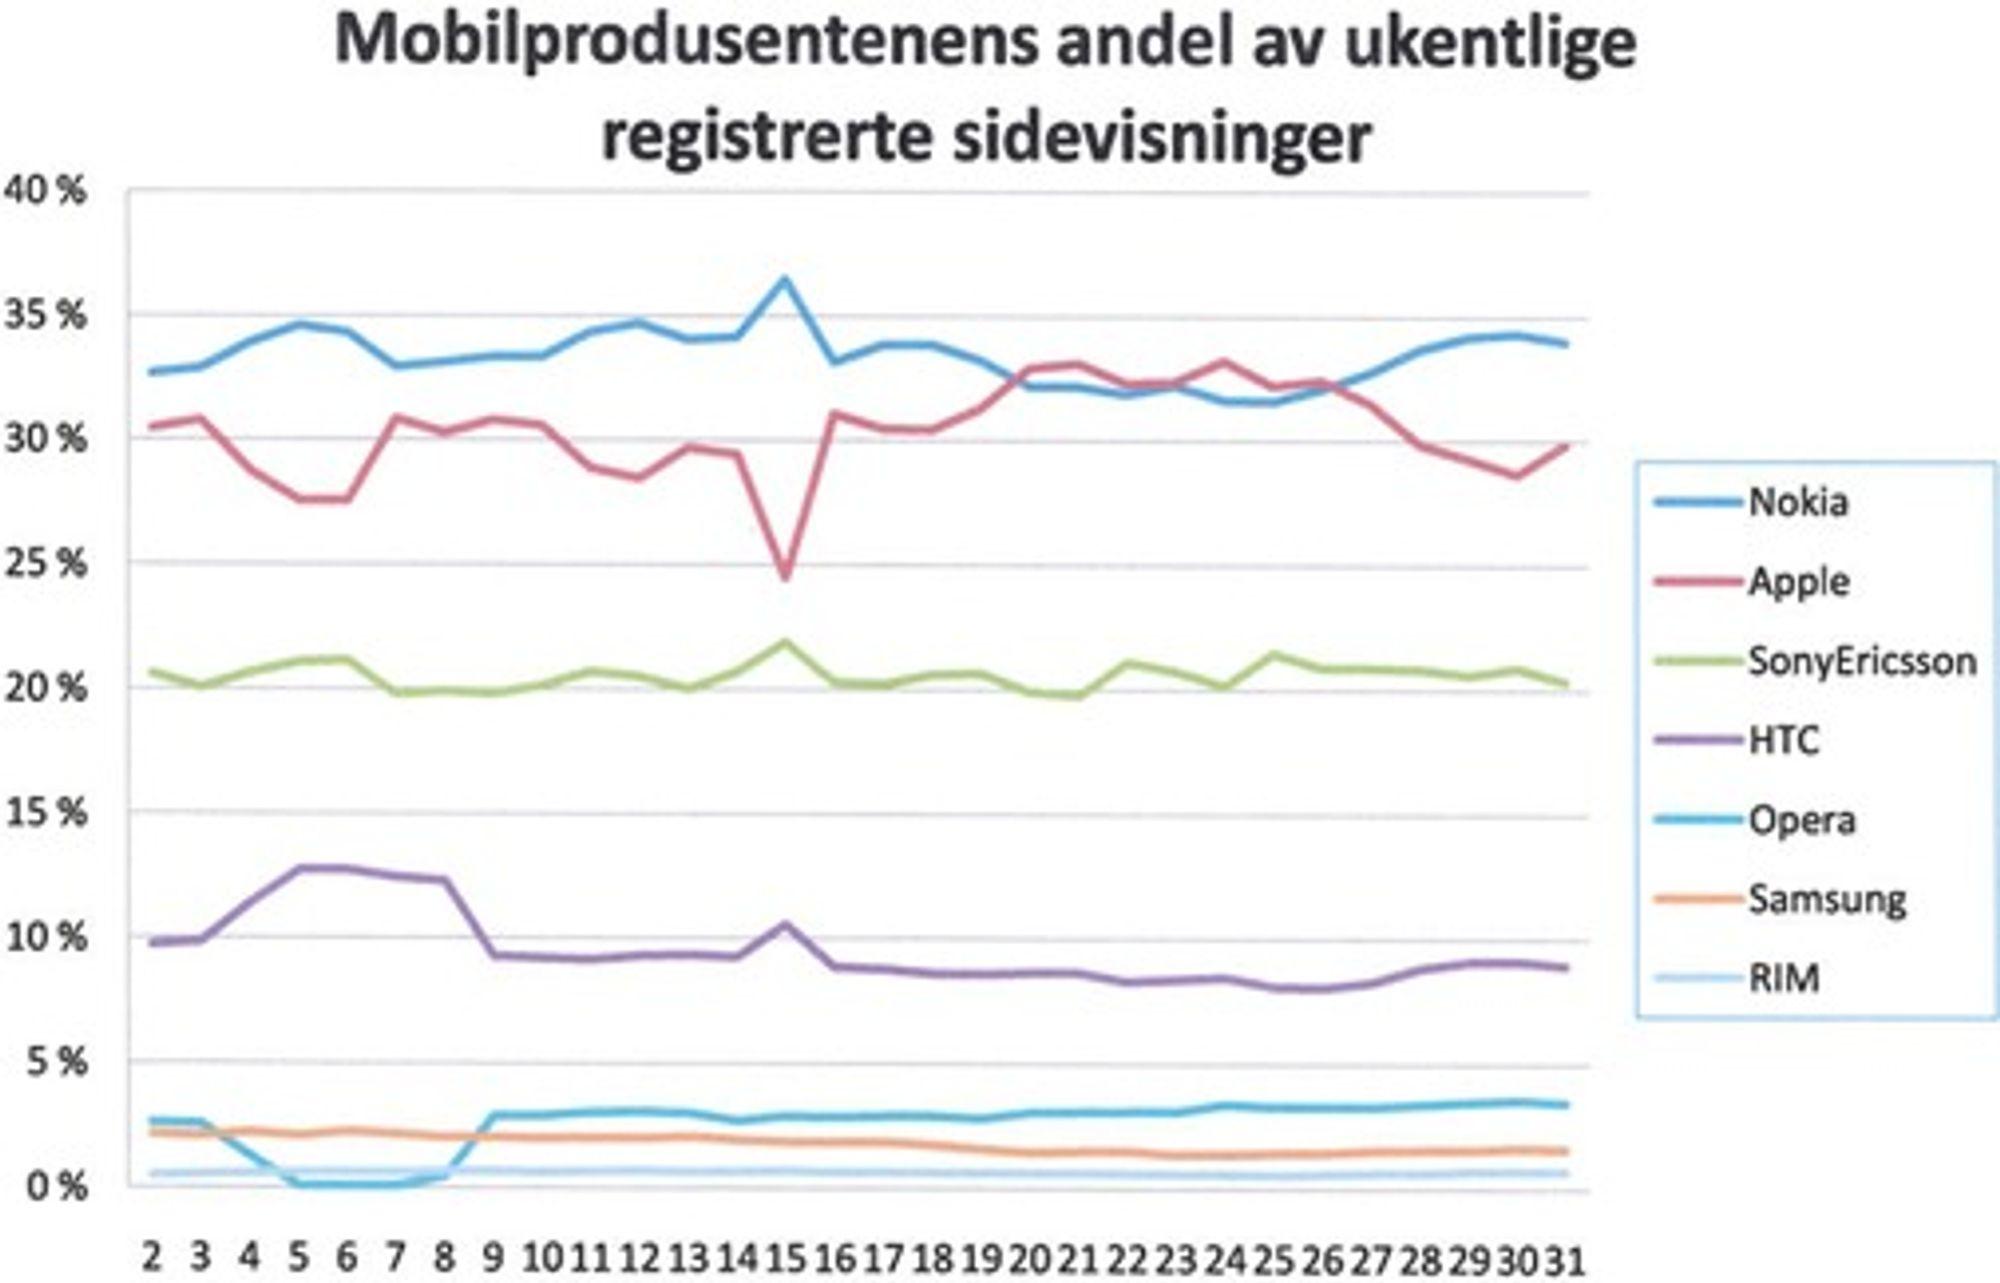 Andelen av totale sidevisninger registrert per mobiltelefontype, fra uke 1 til uke 30 i 2009. (Kilde: TNS Gallup)